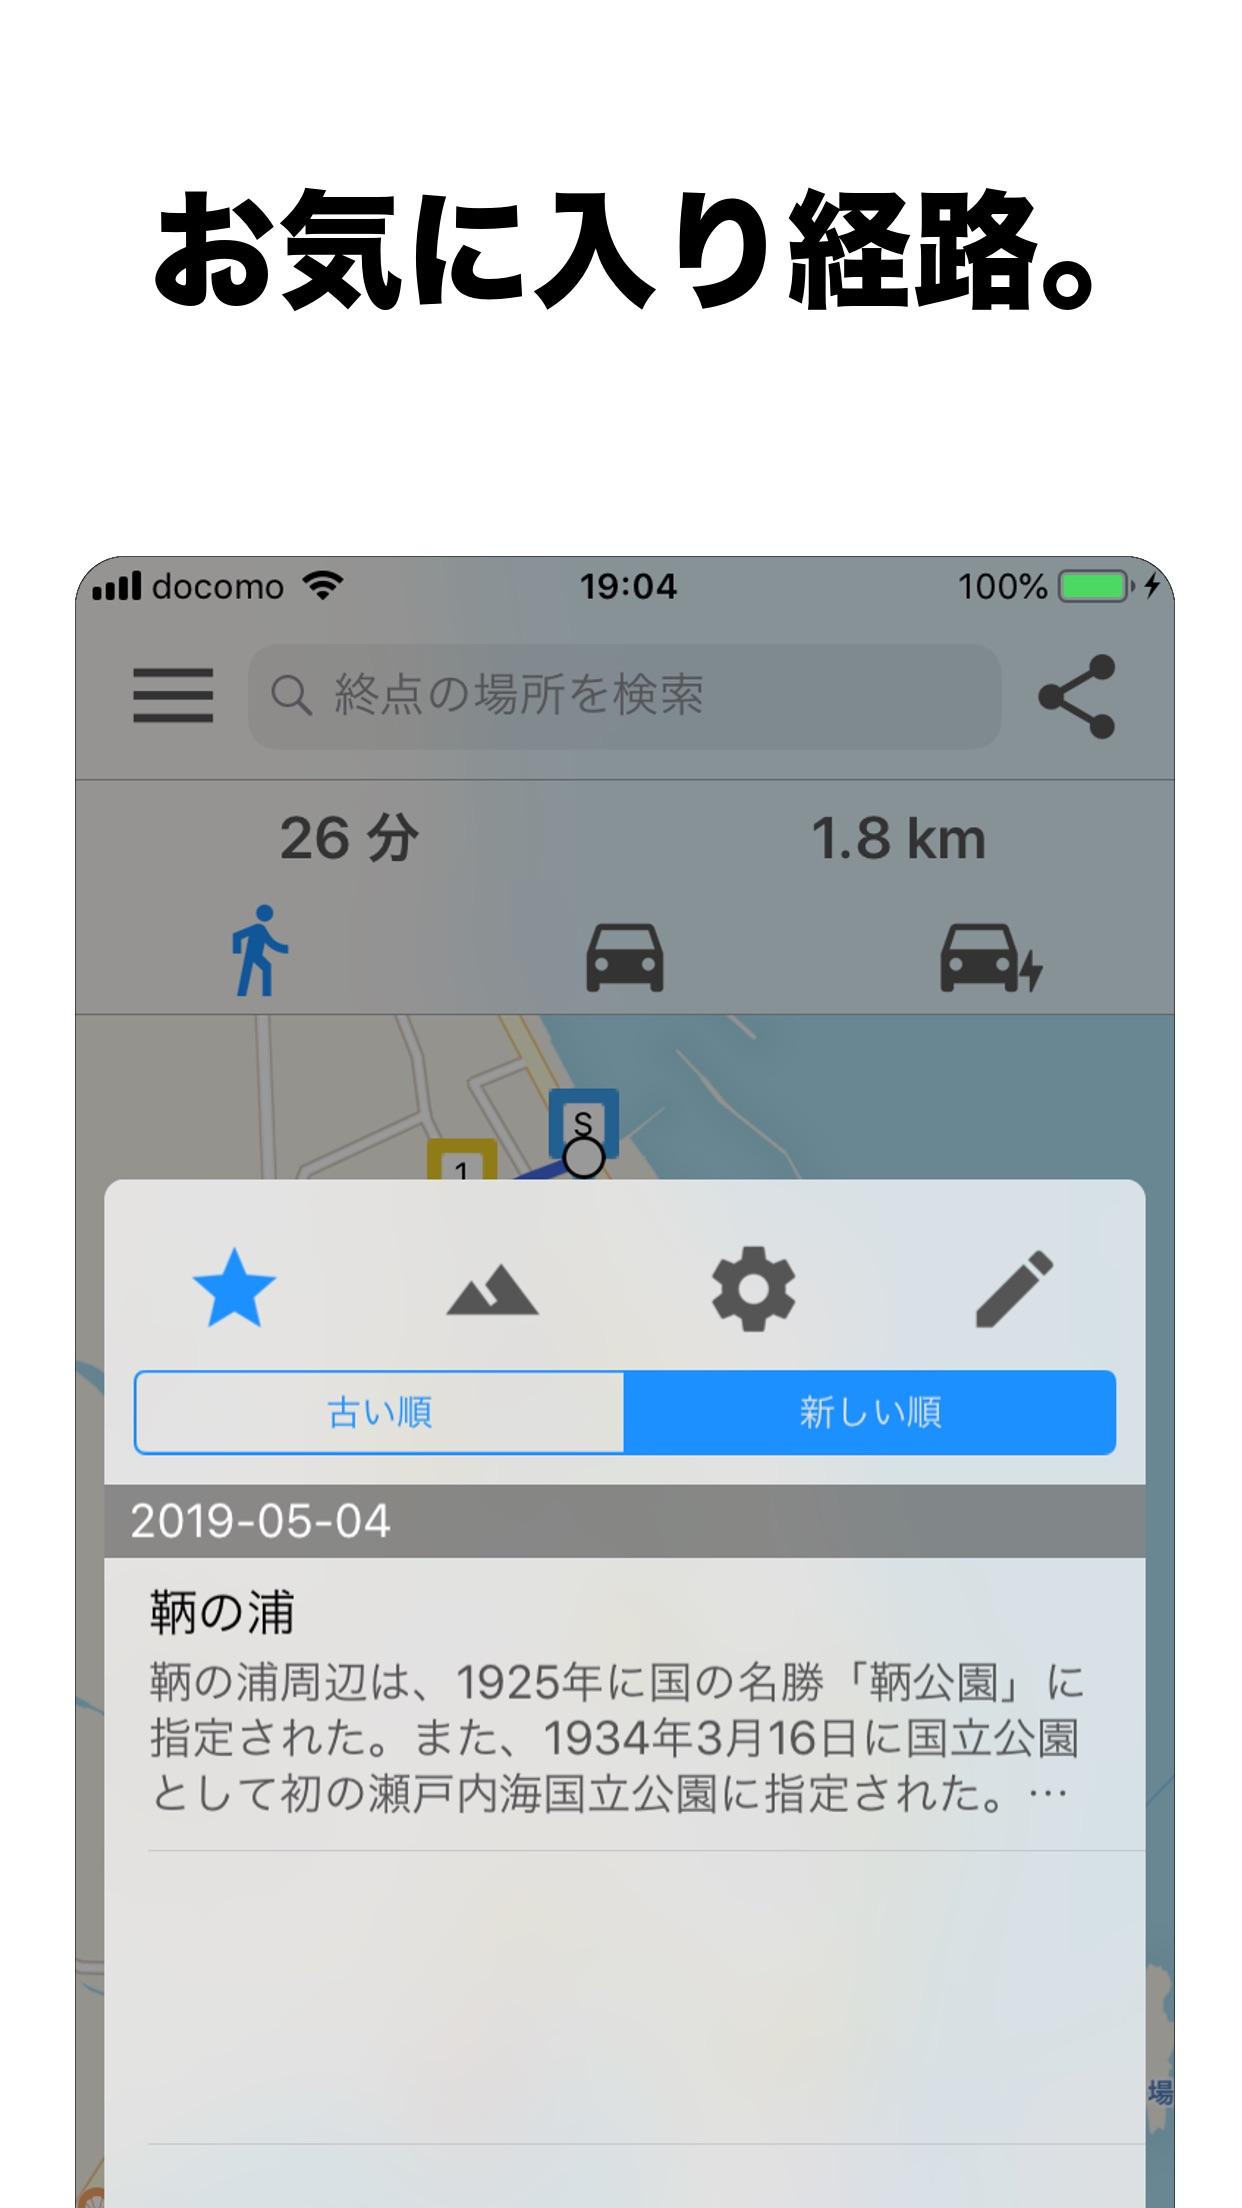 ストリートビュー ナビ : StreetWatcher Screenshot